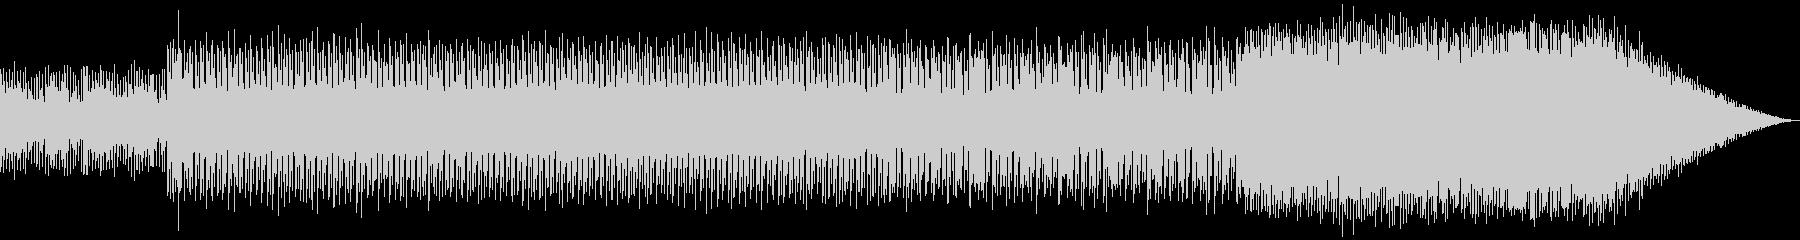 SF_シンセポップなBGMの未再生の波形